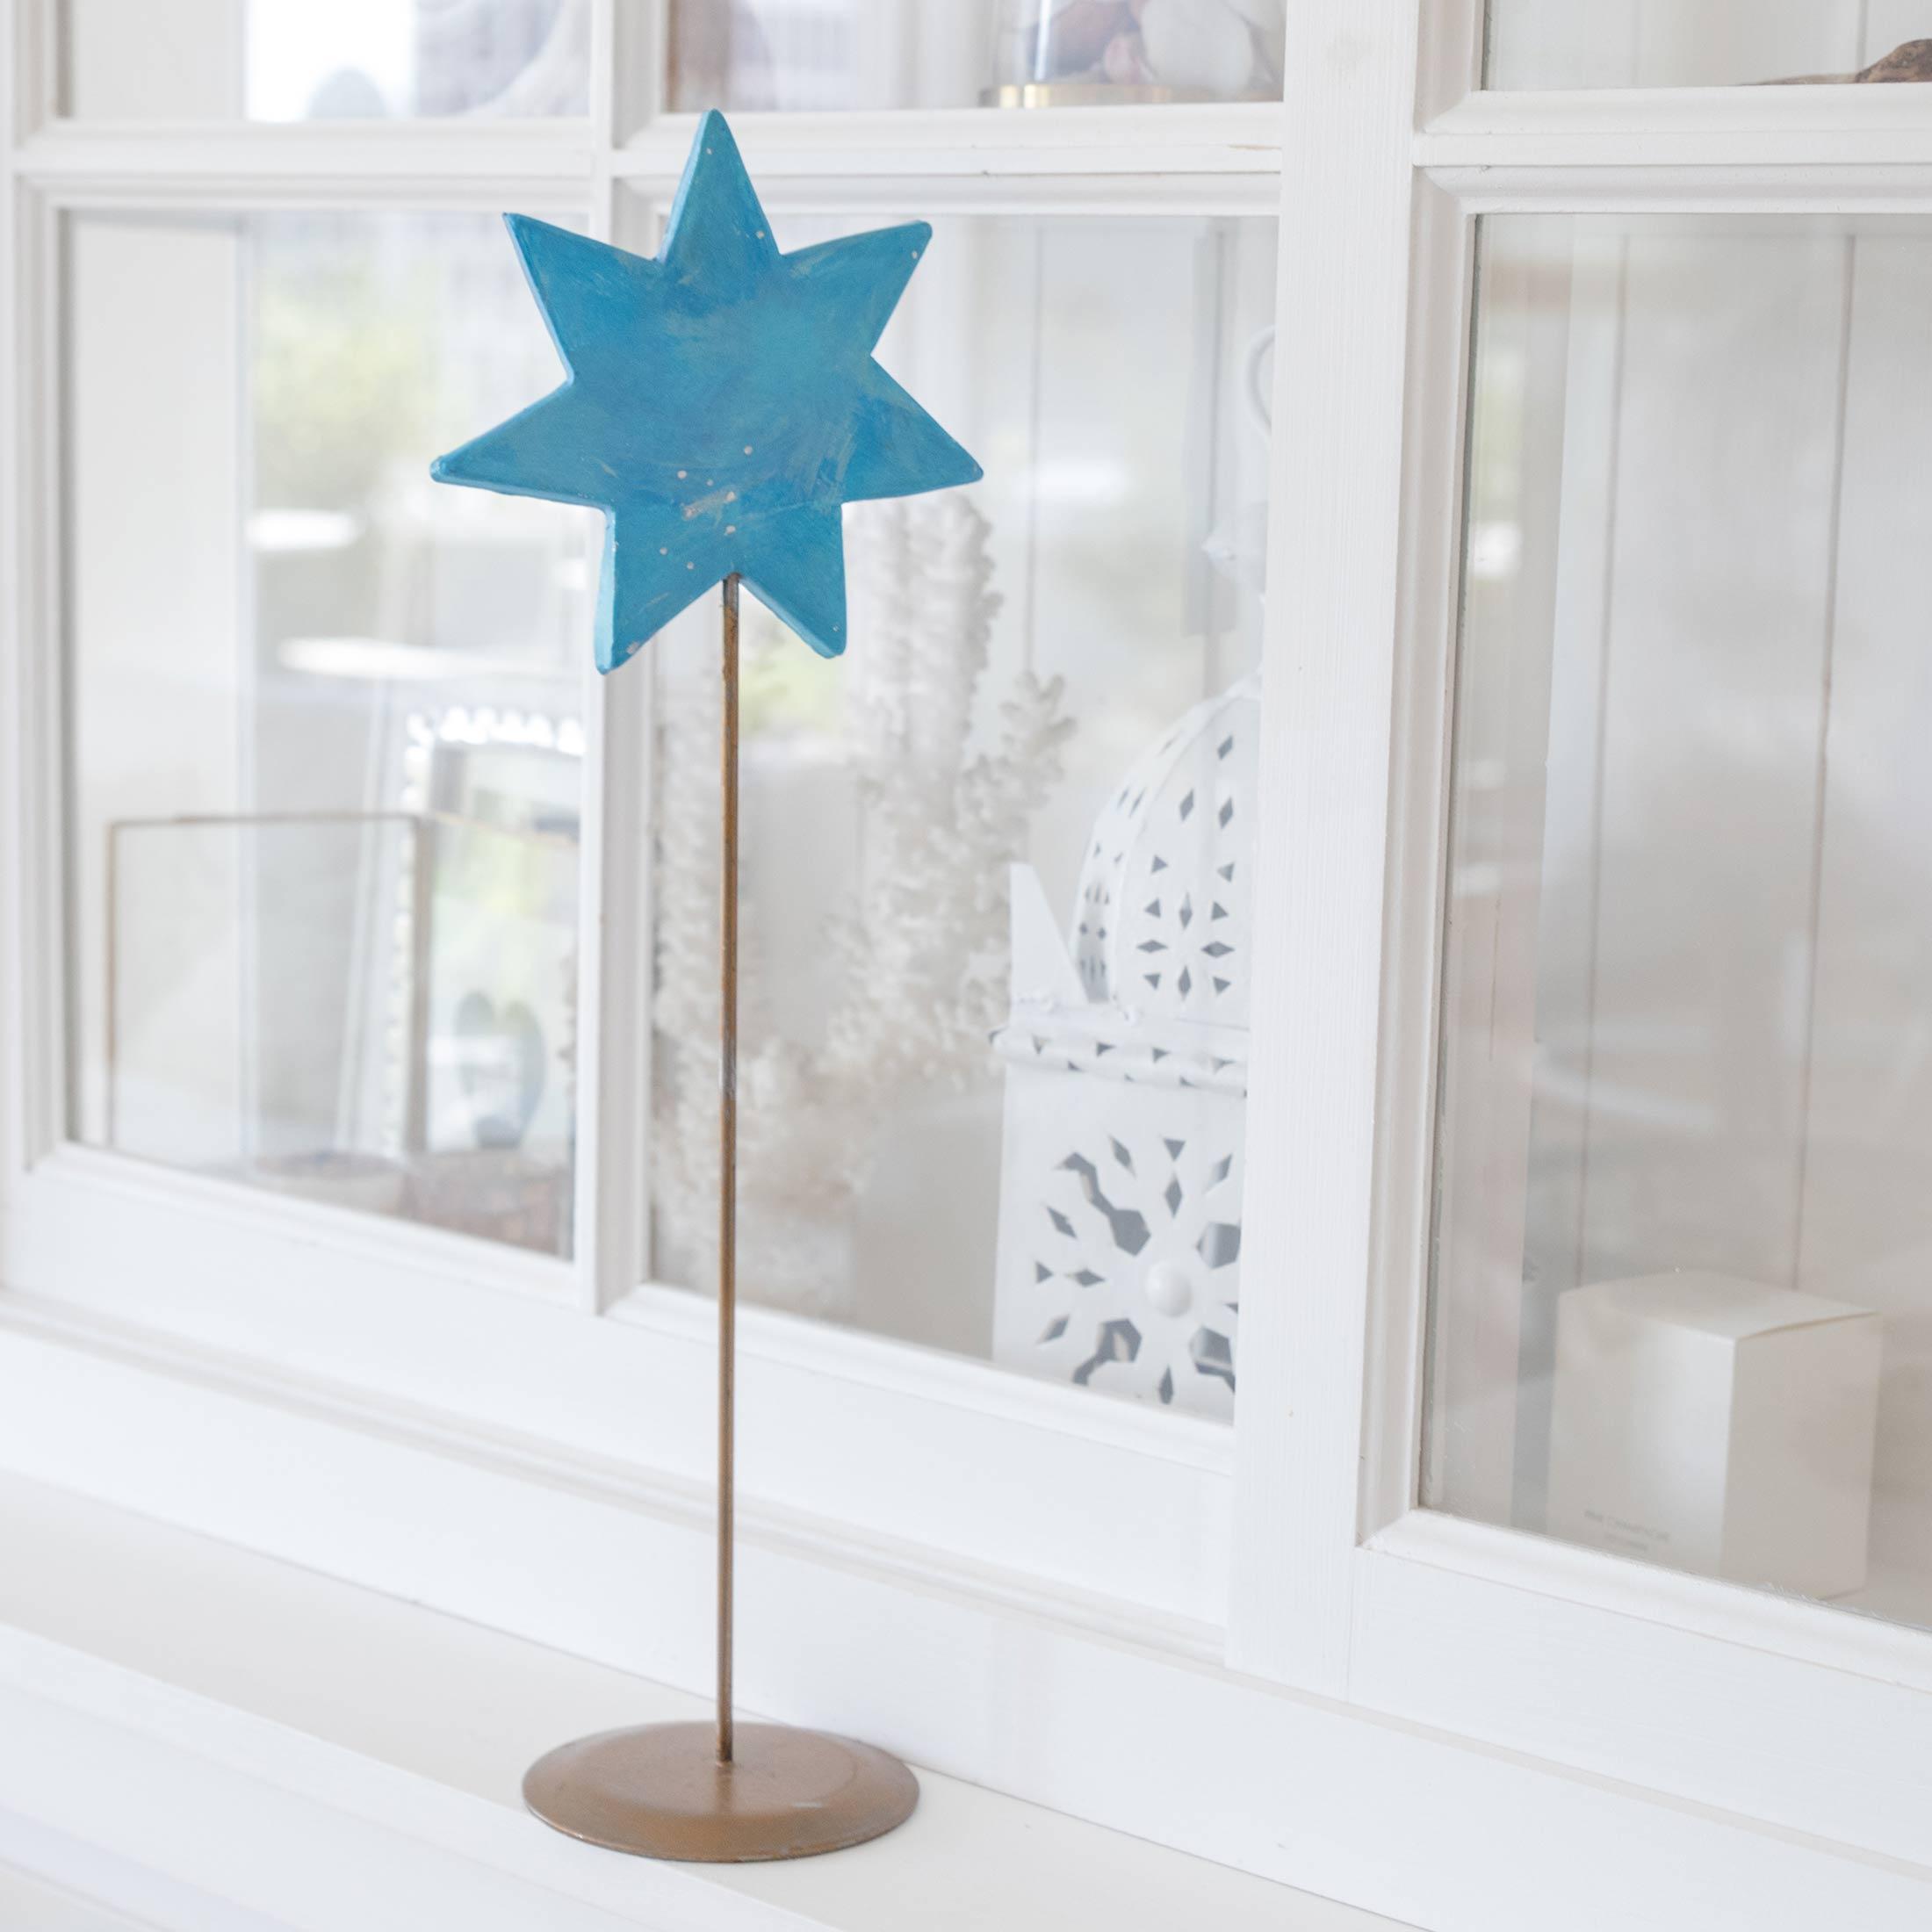 Hellblauer Ornament Stern auf Ständer für die skandinavische Dekoration im Advent | dekorieren Onlineshop Soulbirdee | Weihnachtsdeko online kaufen